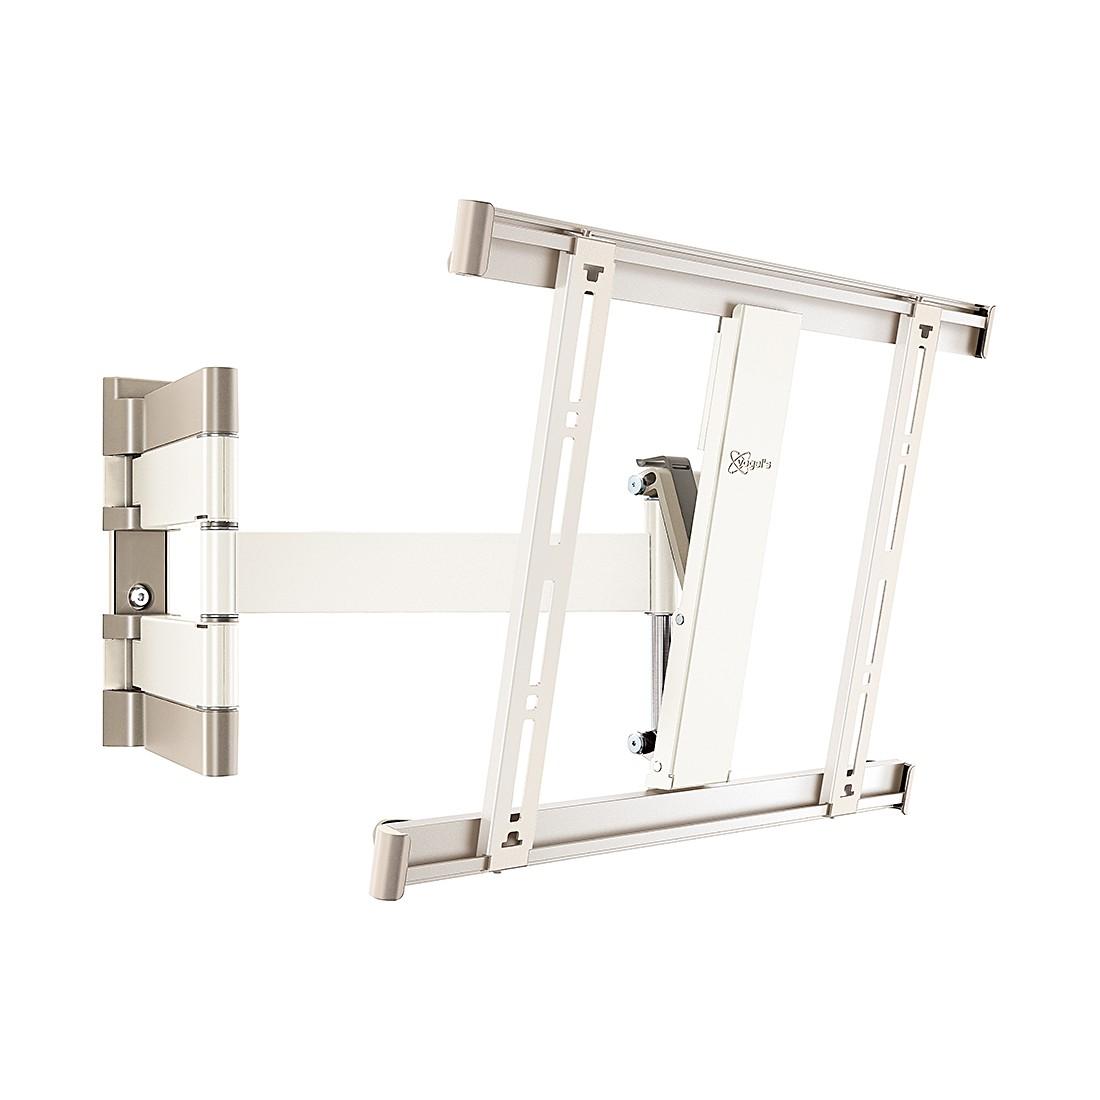 TV-Wandhalterung Thin 245 (Weiß), Vogel's bestellen